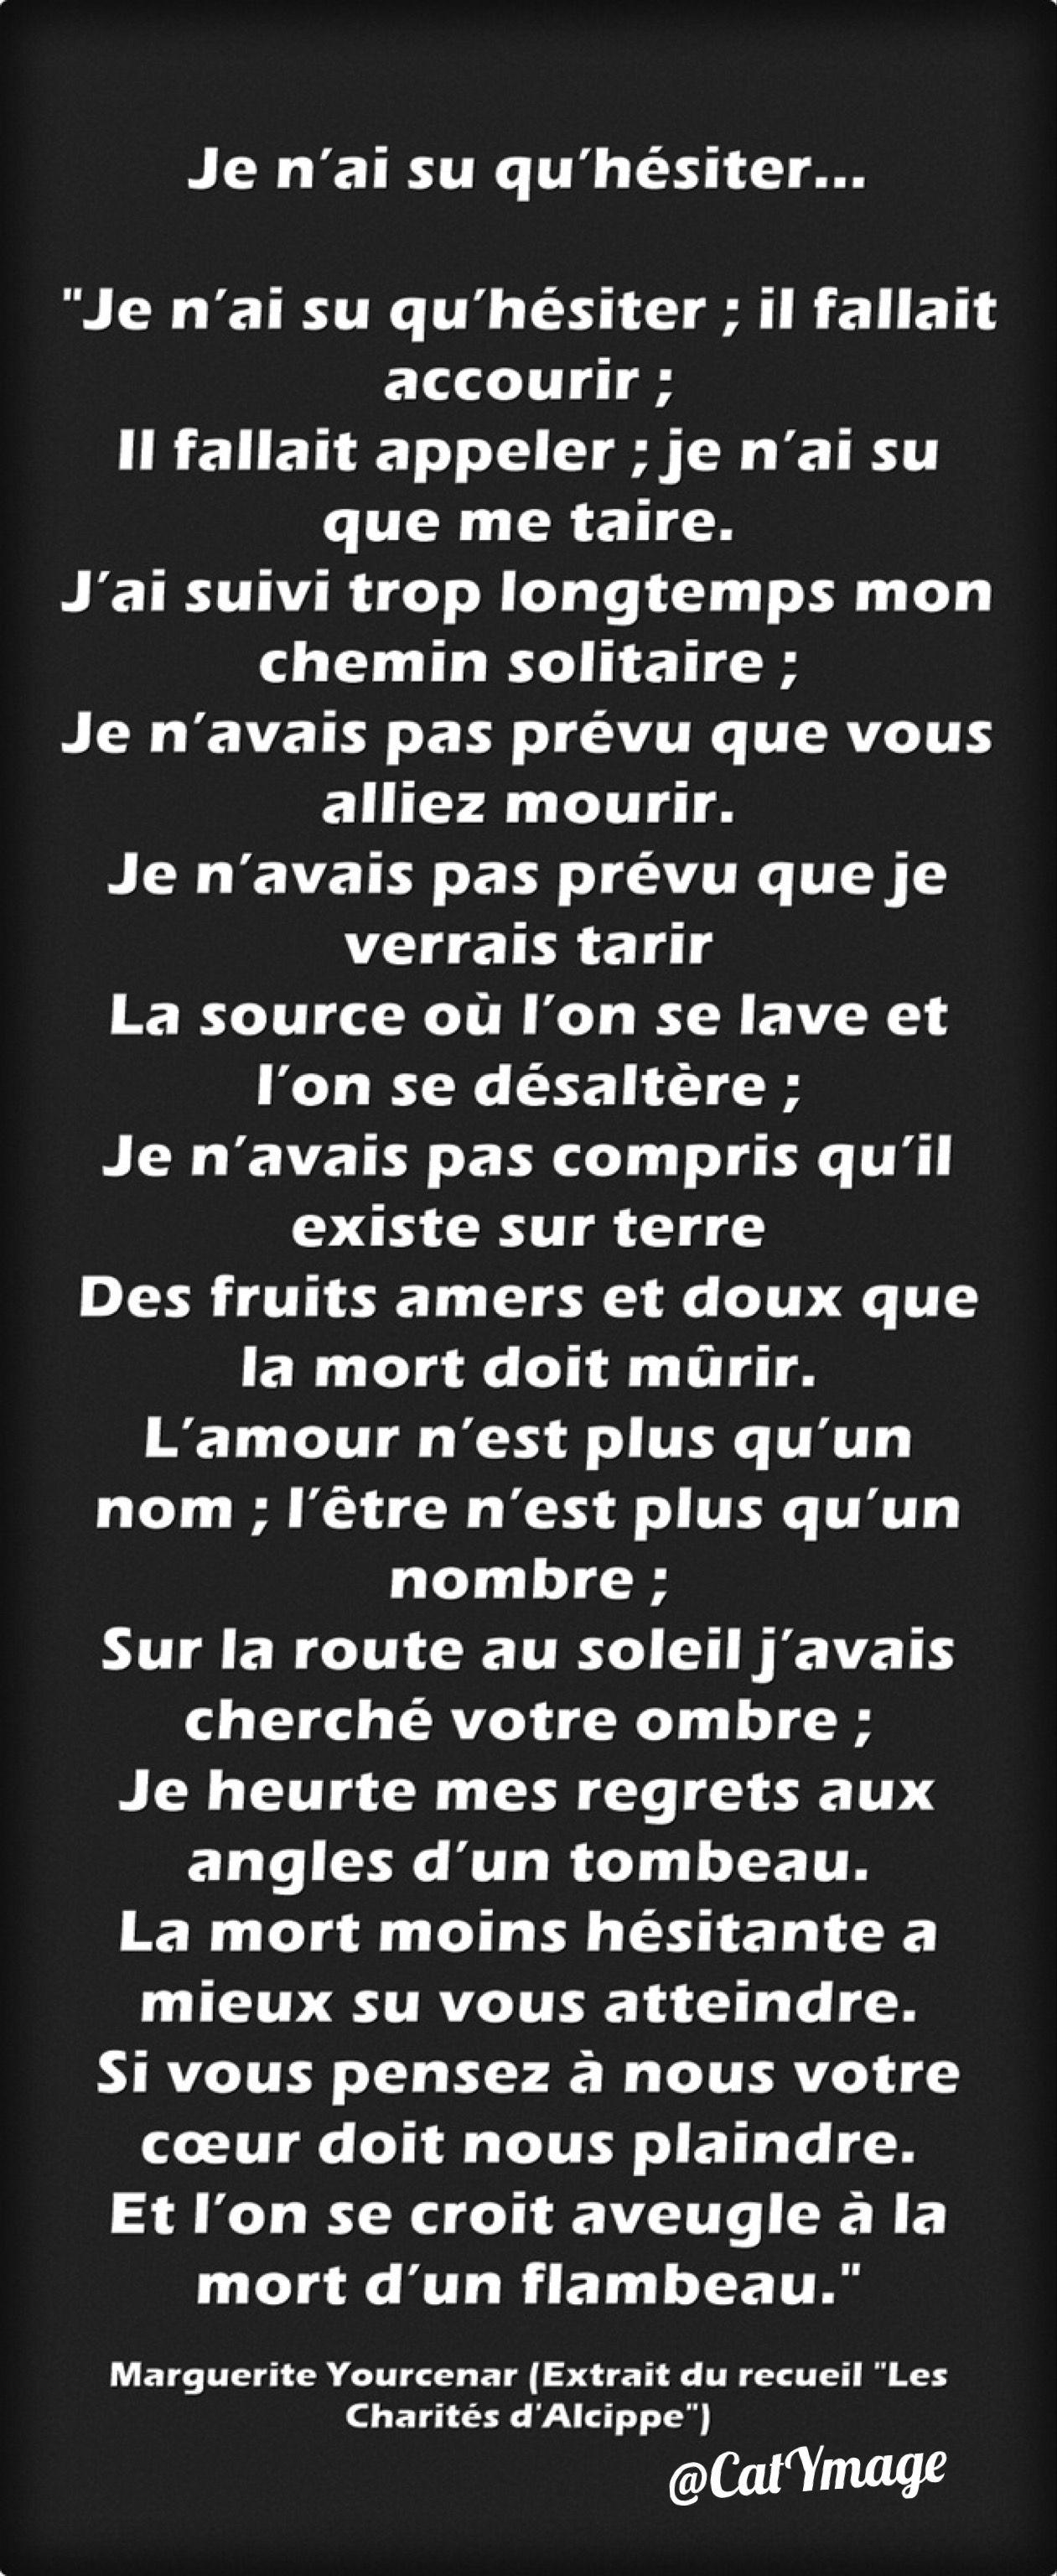 Marguerite Yourcenar Extrait Du Recueil Les Charites D Alcippe